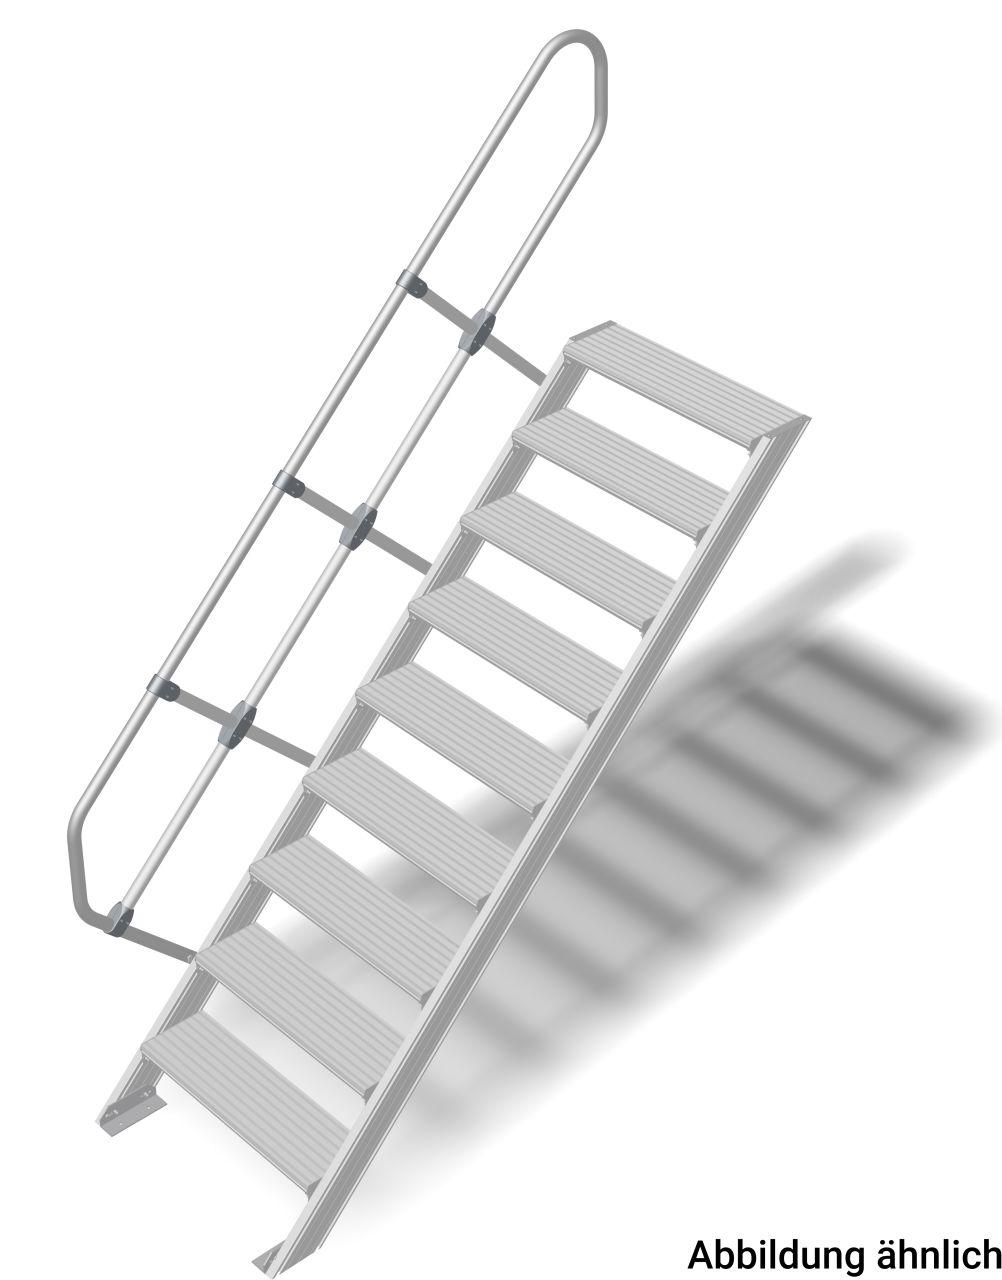 Treppe (Leichtmetall) Robuste Aluminium-Treppe für individuelle Lösungen in Anlehnung an die DIN EN ISO 14122